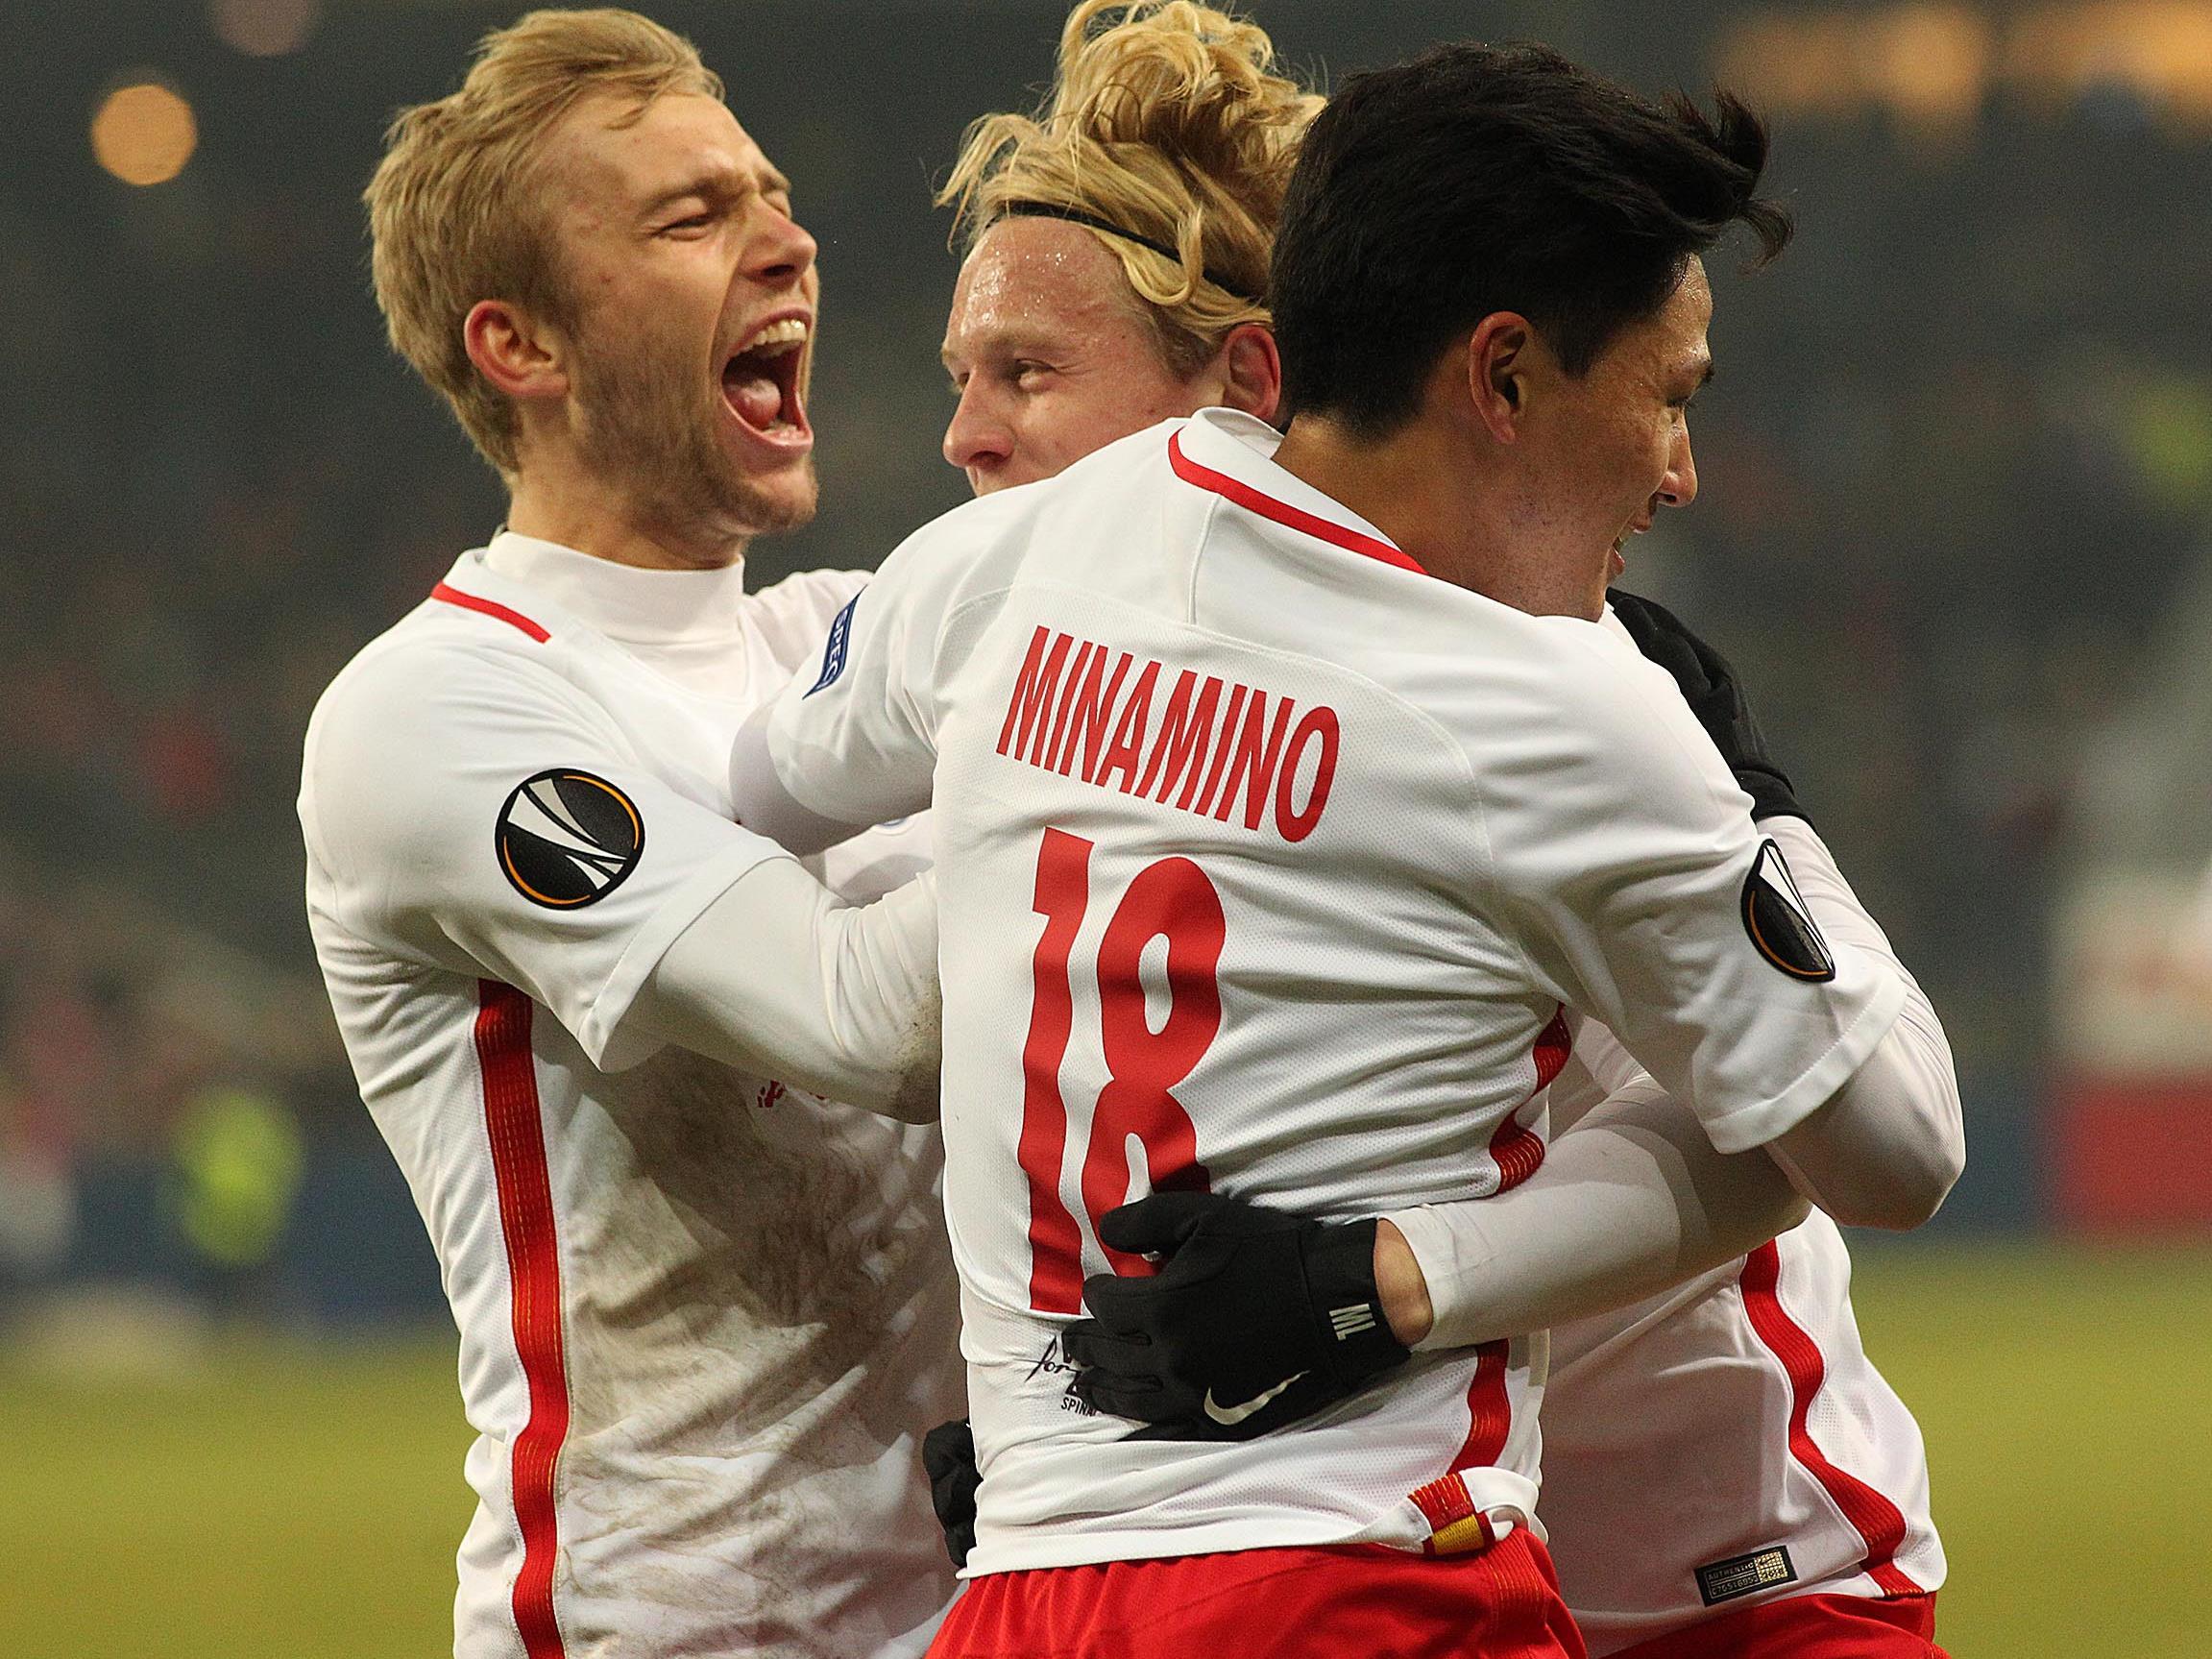 Red Bull Salzburg konnte sich in der EL mit 2:0 gegen Schalke 04 durchsetzen.